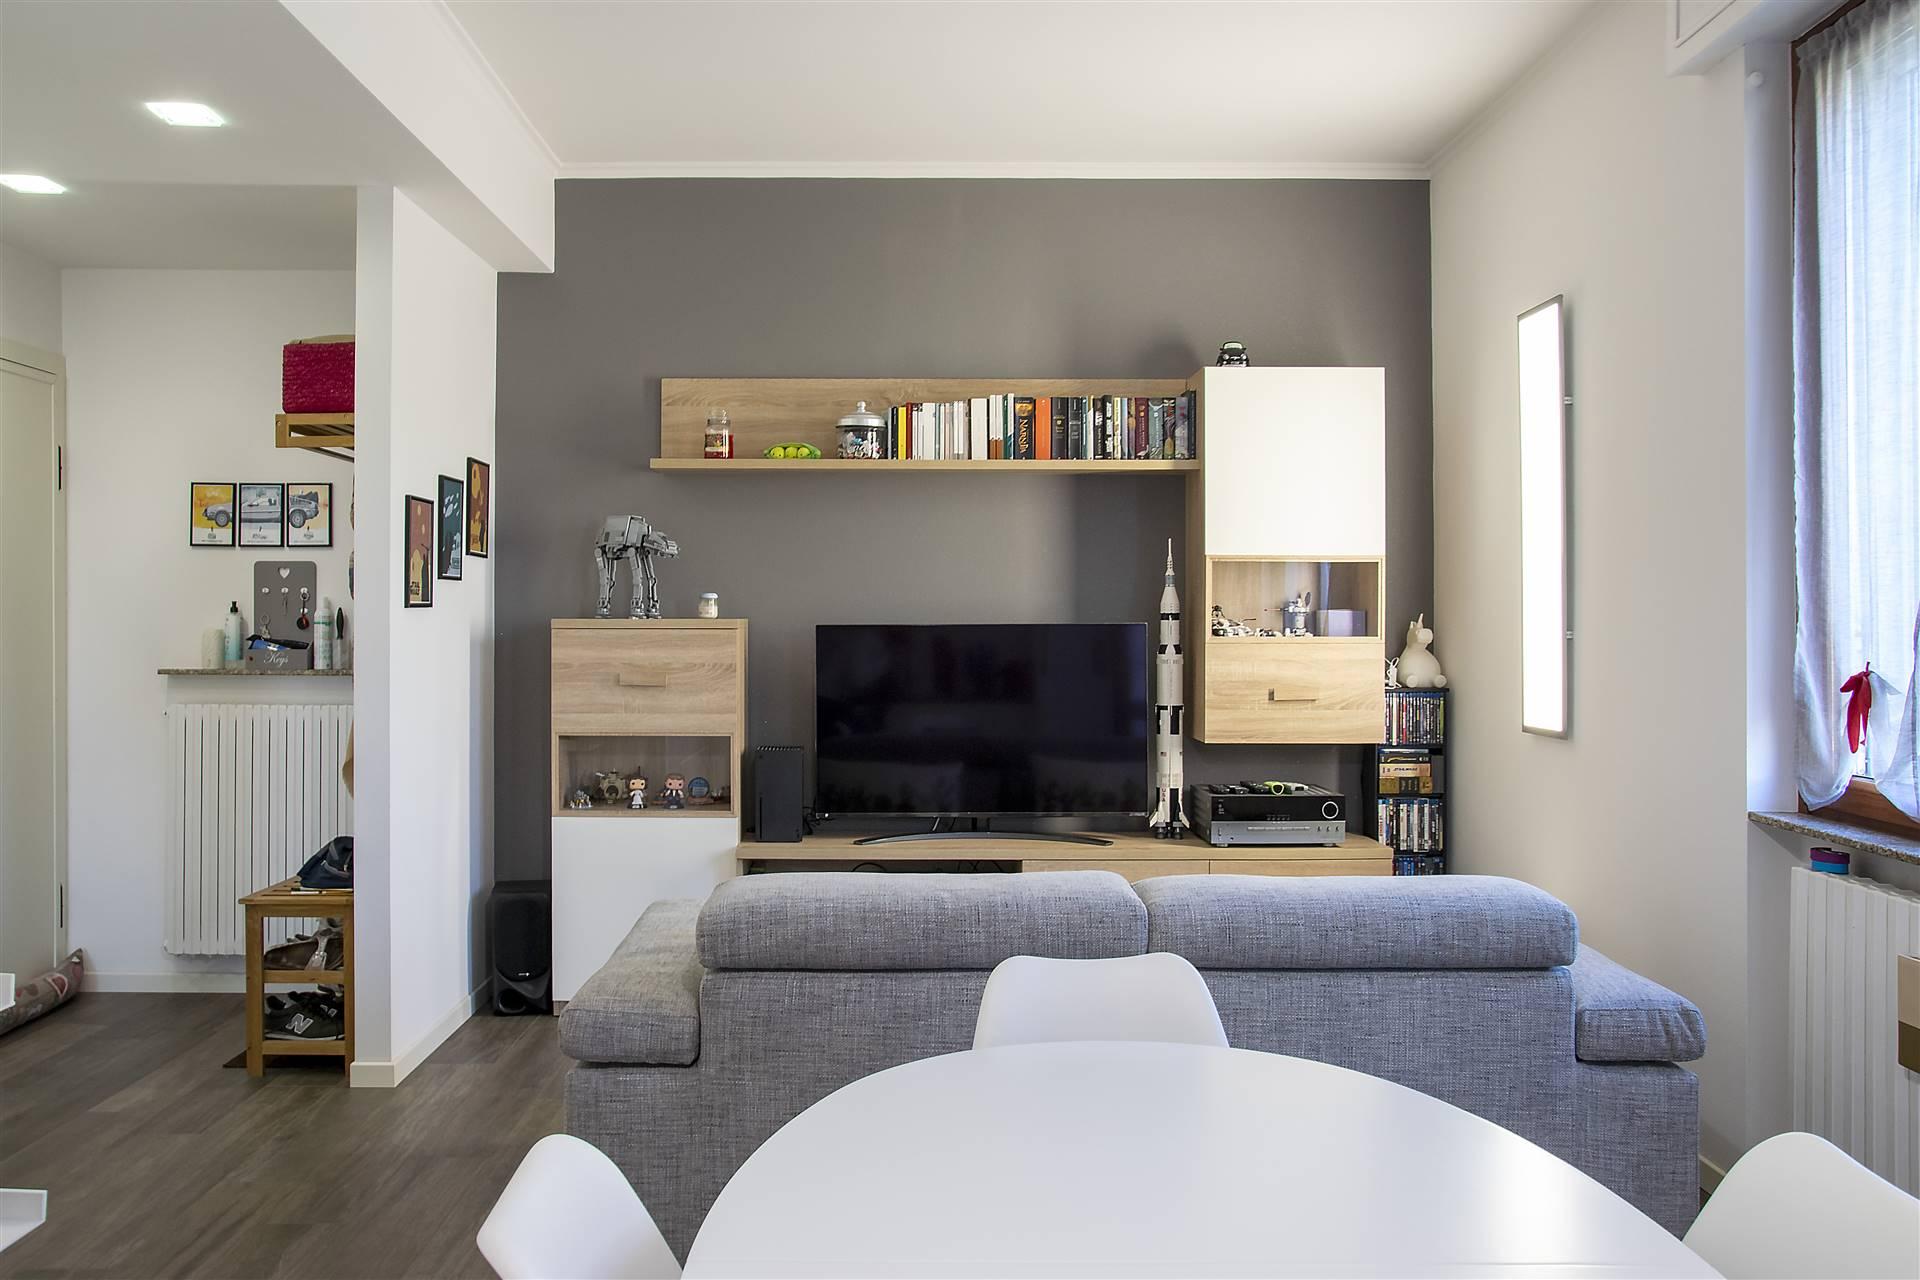 Appartamento in vendita a Treviolo, 3 locali, zona gno, prezzo € 99.000   PortaleAgenzieImmobiliari.it